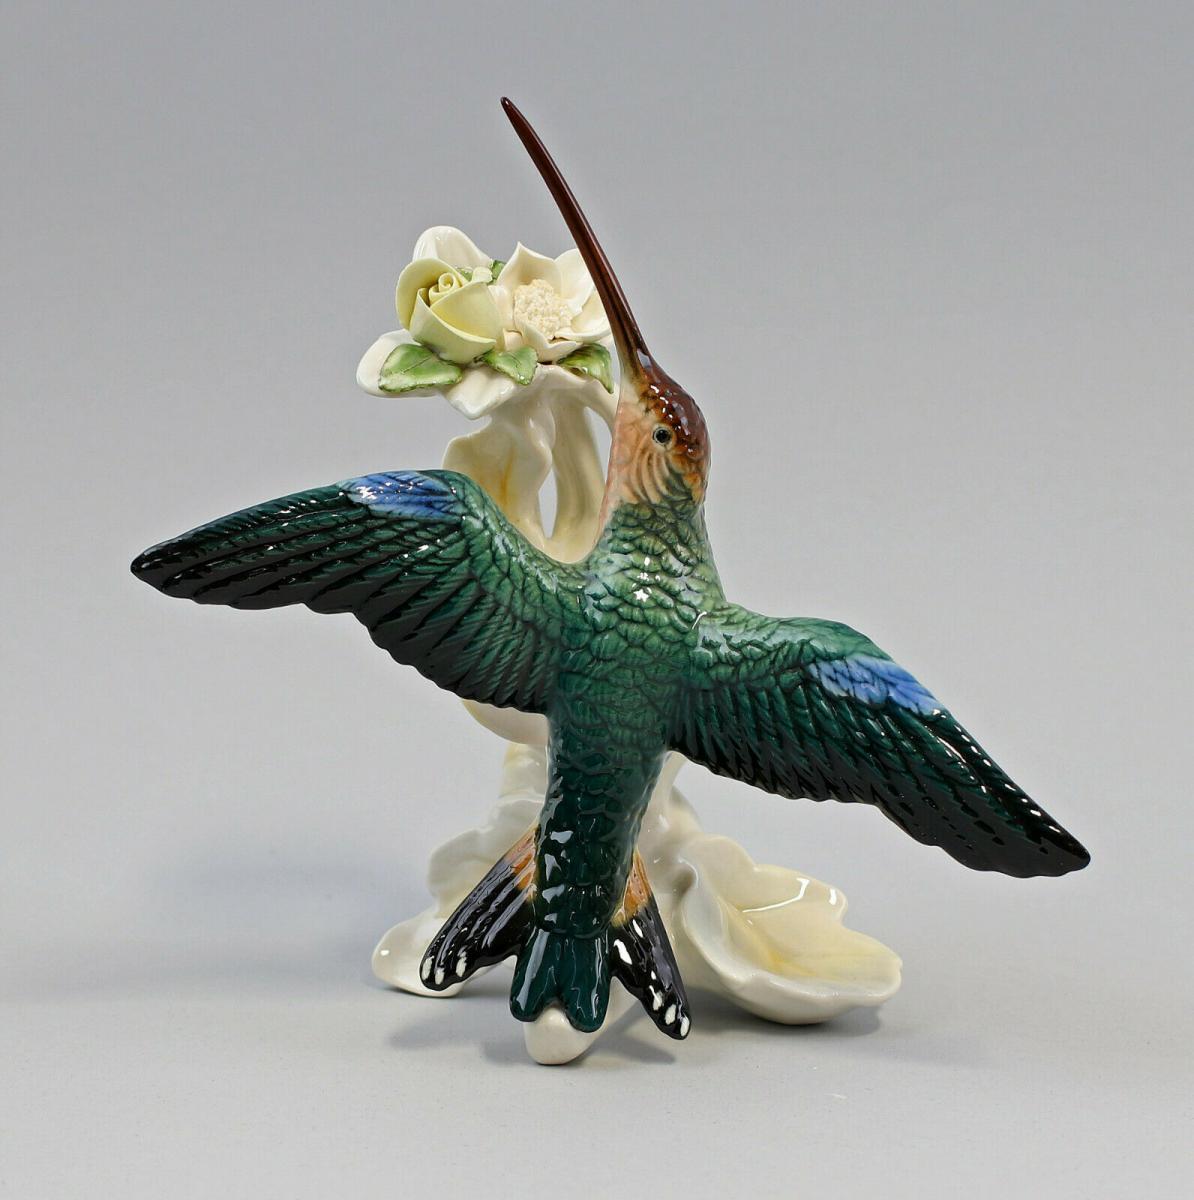 9959548 Porzellan Figur Kolibri fliegend mit Blüte gelb/weiß  Vogel Ens H18cm